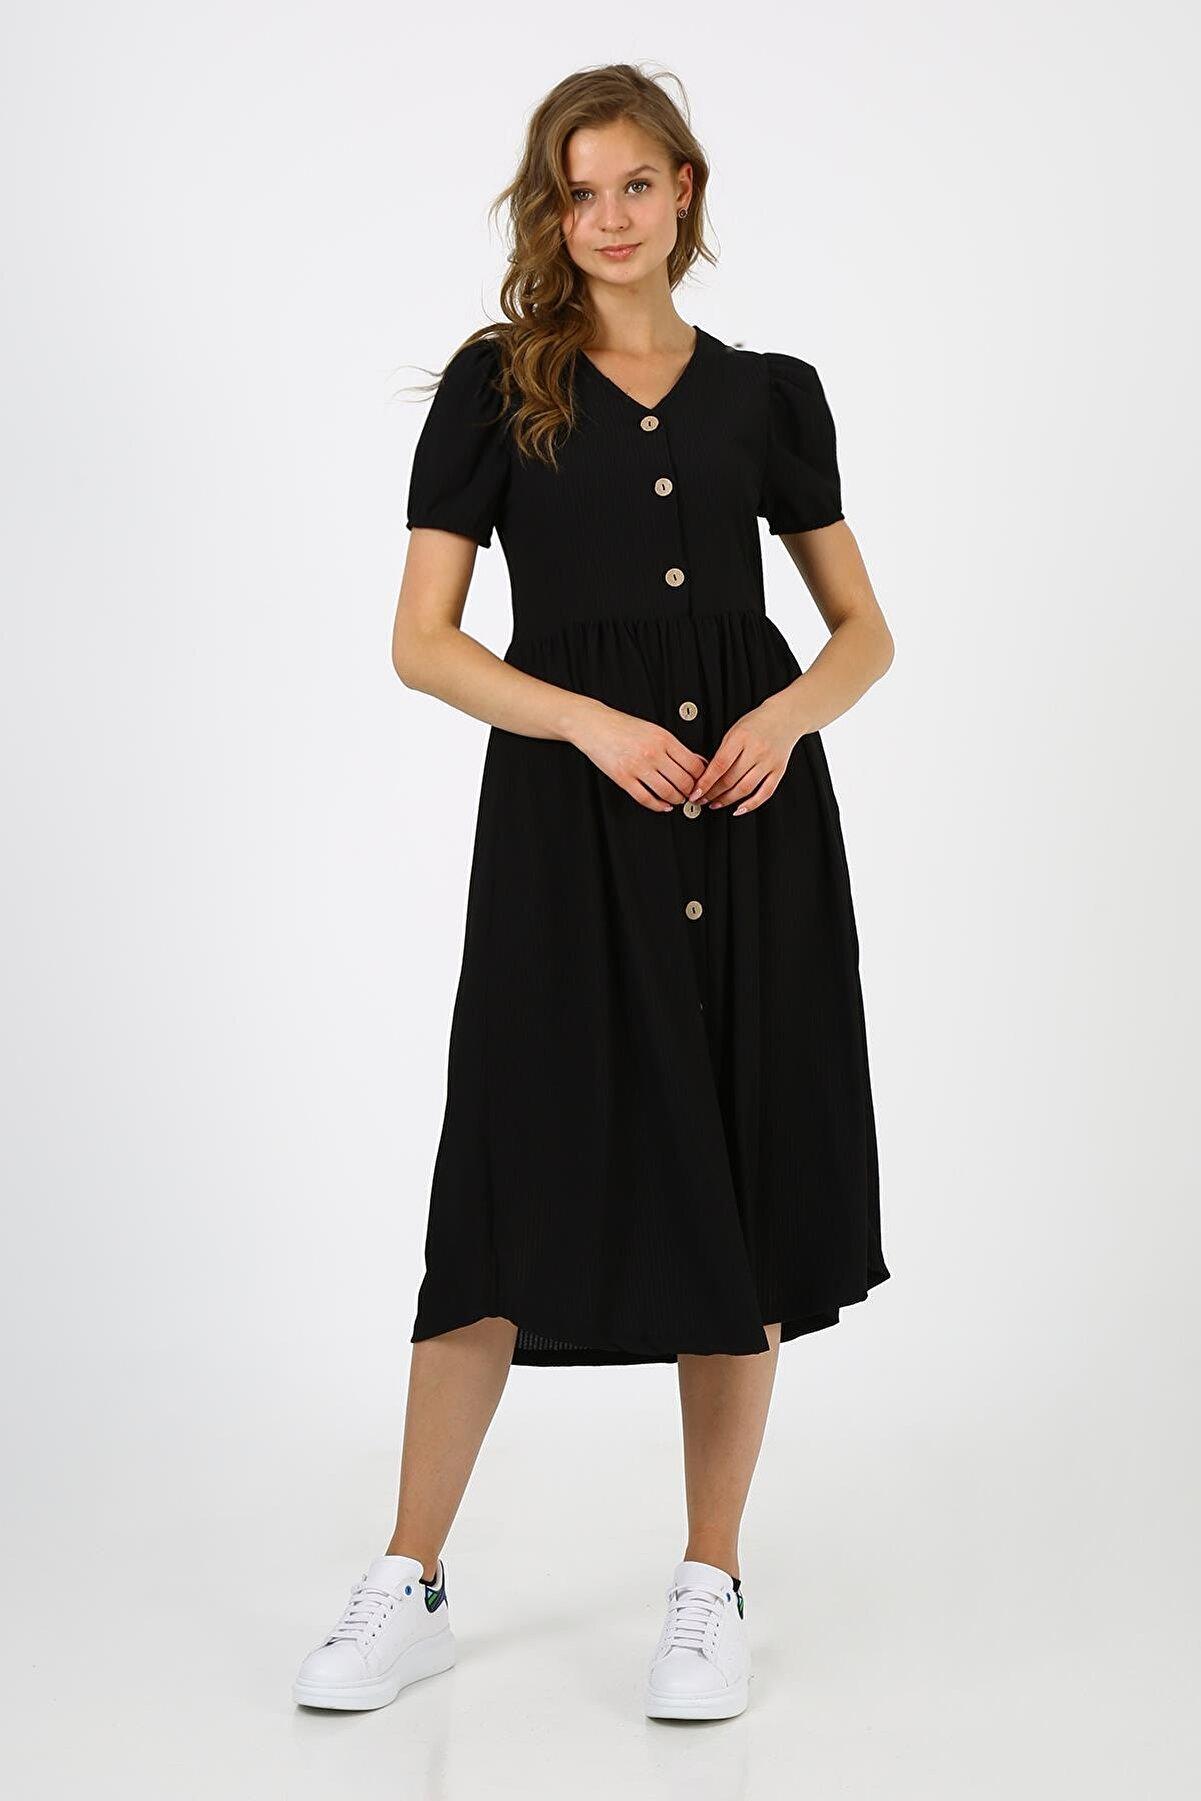 ALEXANDERGARDI Kadın Siyah Önü Düğmeli Balon Kol Elbise (b21-4050)